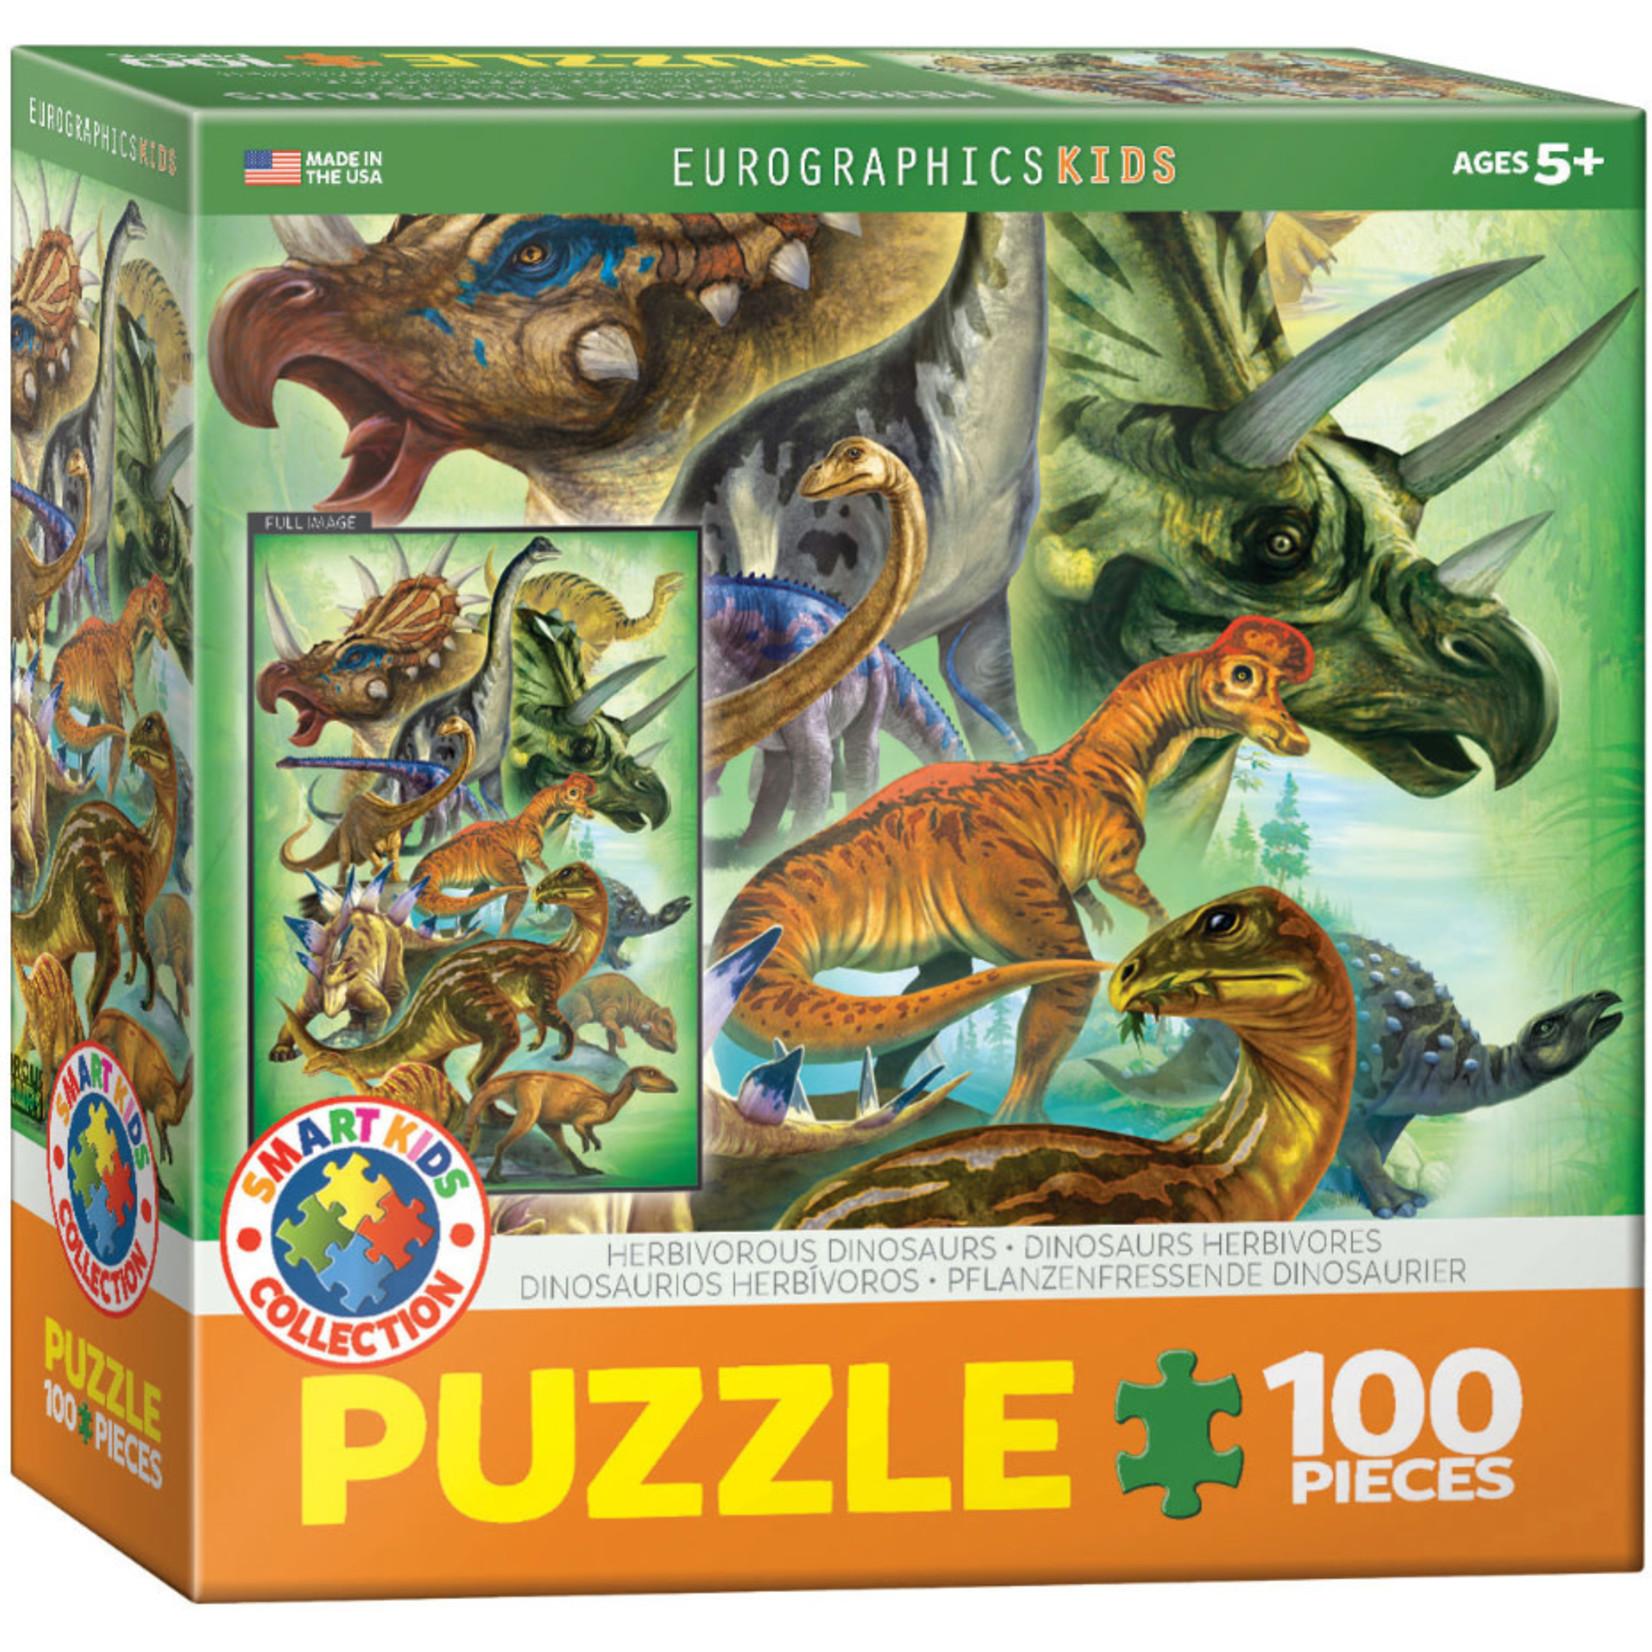 Eurographics Eurographics Puzzle: Herbivorous Dinosaurs - 100pc